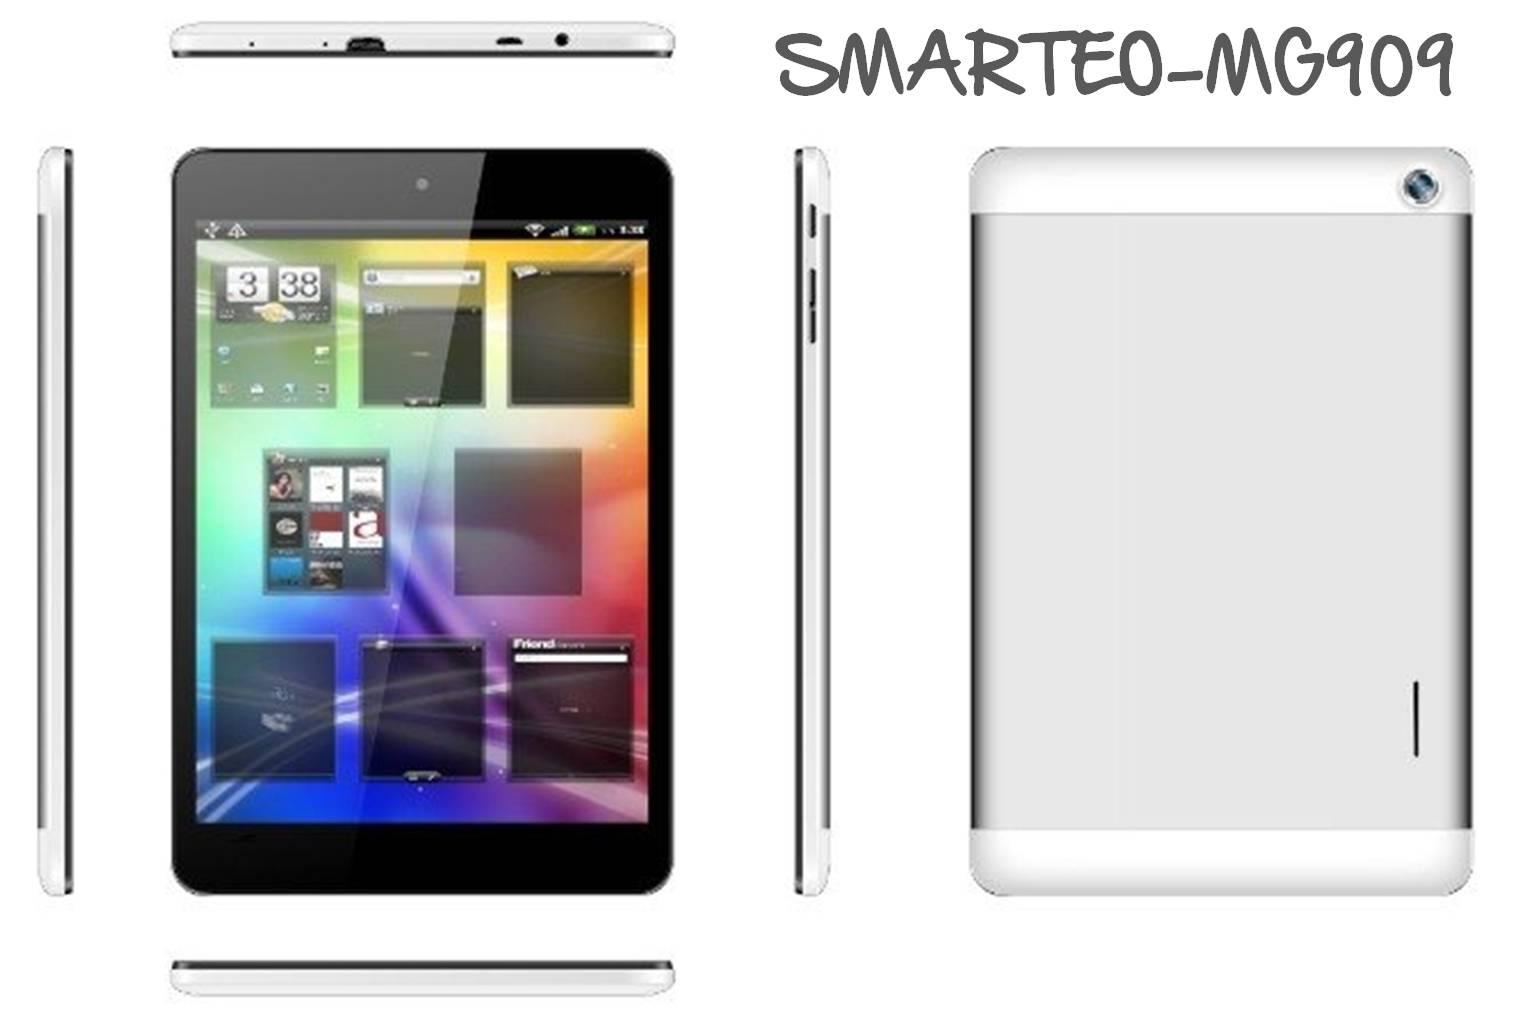 Προσφορά SaleTime - TABLET MG-909-3G - Ολοκαίνουργιο μοντέλο Tablet Smarteo MG-909-3G 9.1 ιντσών- 8GB μνήμη, digital οθόνη, με 2πύρηνο επεξεργαστή 1,5GHZ, 1GB RAM,Τηλέφων...